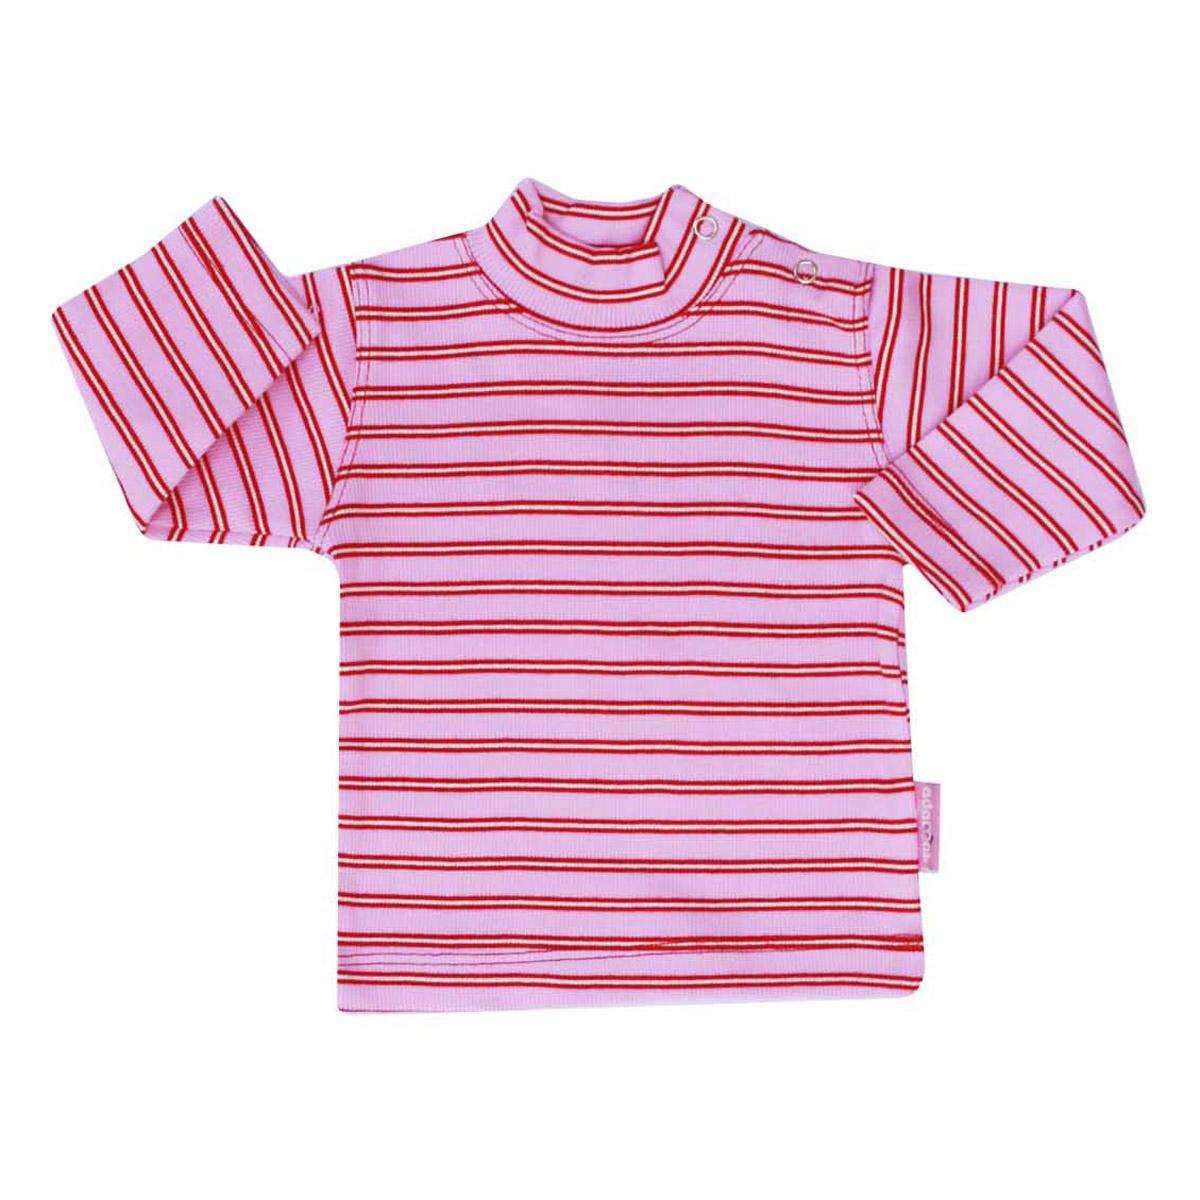 تی شرت دخترانه آدمک طرح راه راه کد 7-1443011